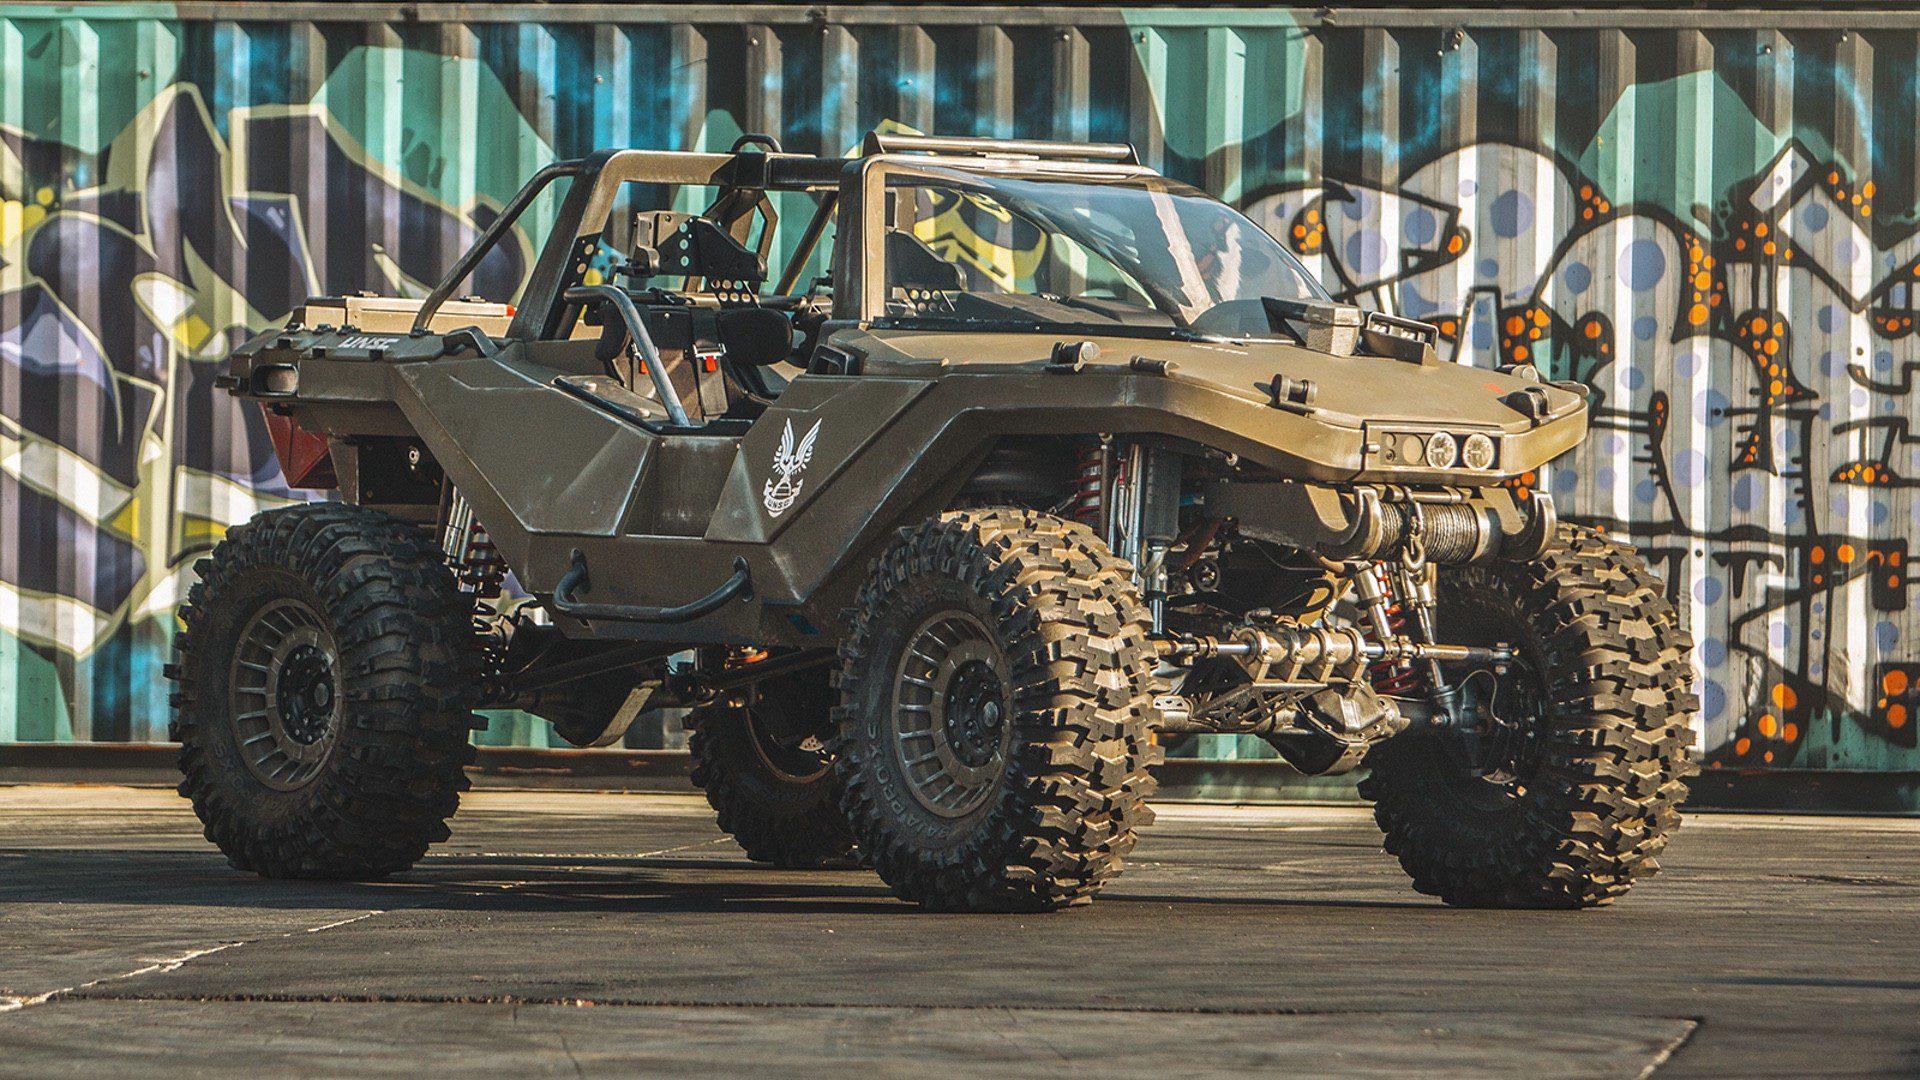 El equipo de Ken Block construye un Warthog totalmente funcional y este es el resultado - El Warthog, que ya apareció en la presentación de la película Free Guy, tiene un motor de más de 1000 caballos y un aspecto clavado al del videojuego.